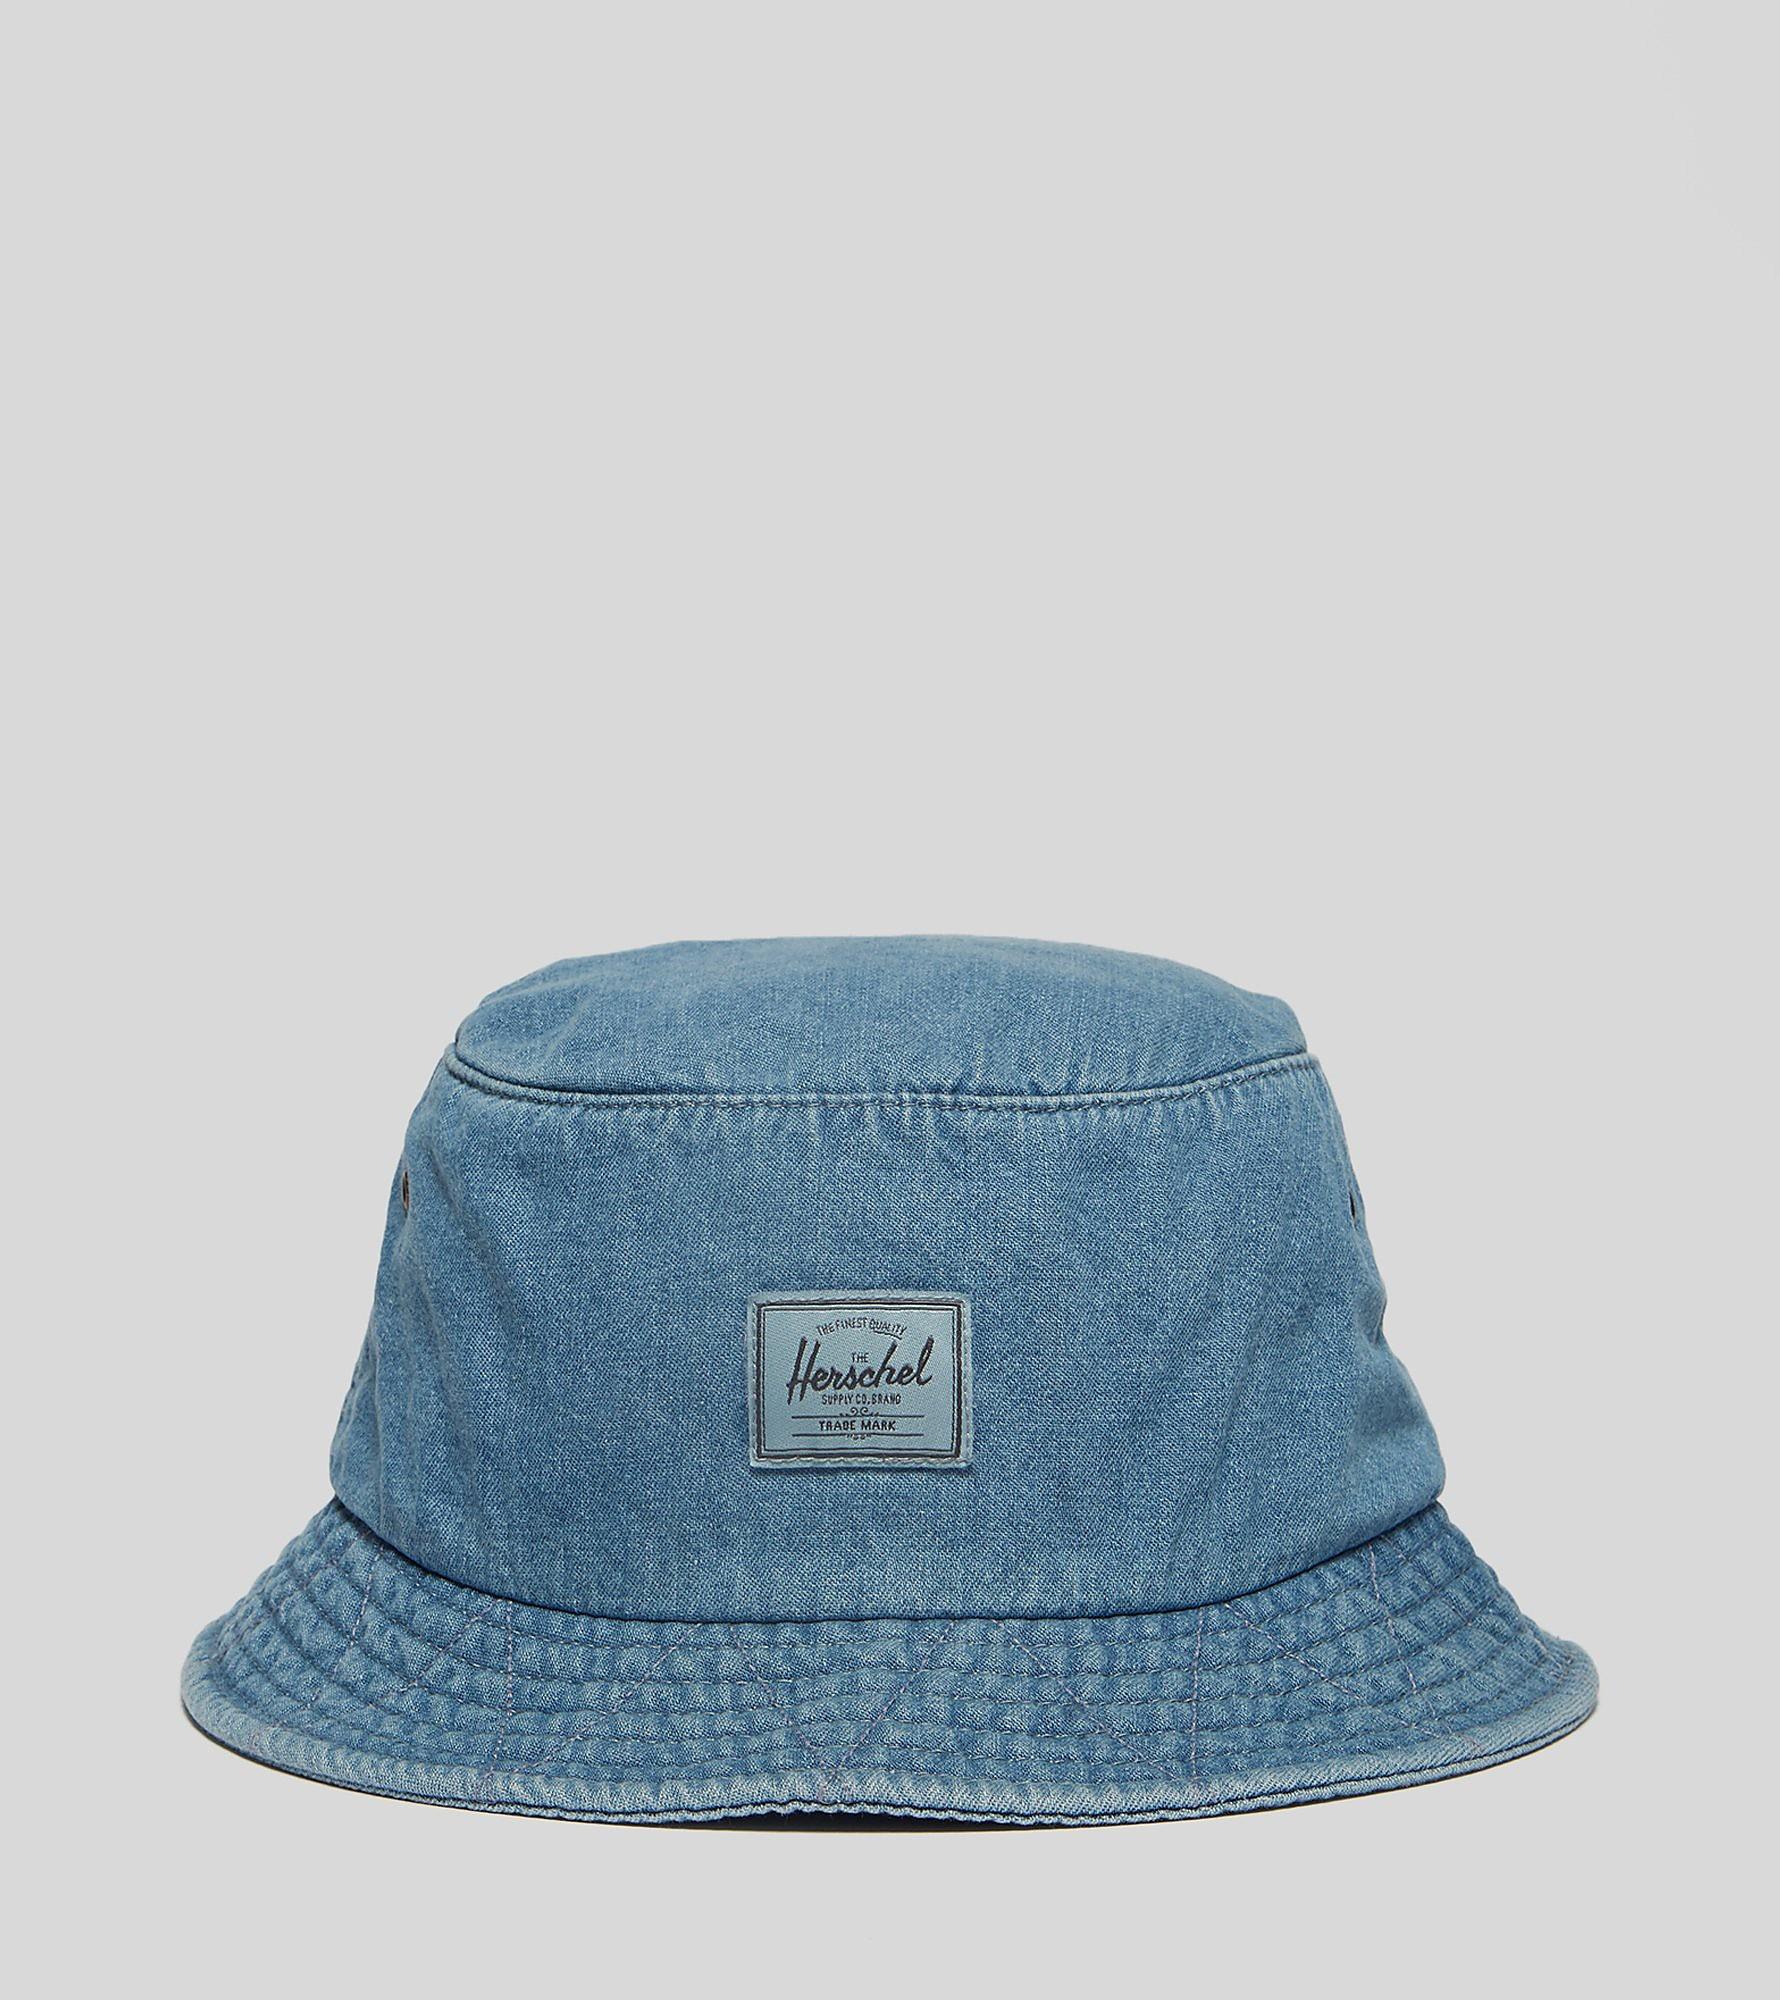 Herschel Supply Co Reversible Lake Bucket Hat